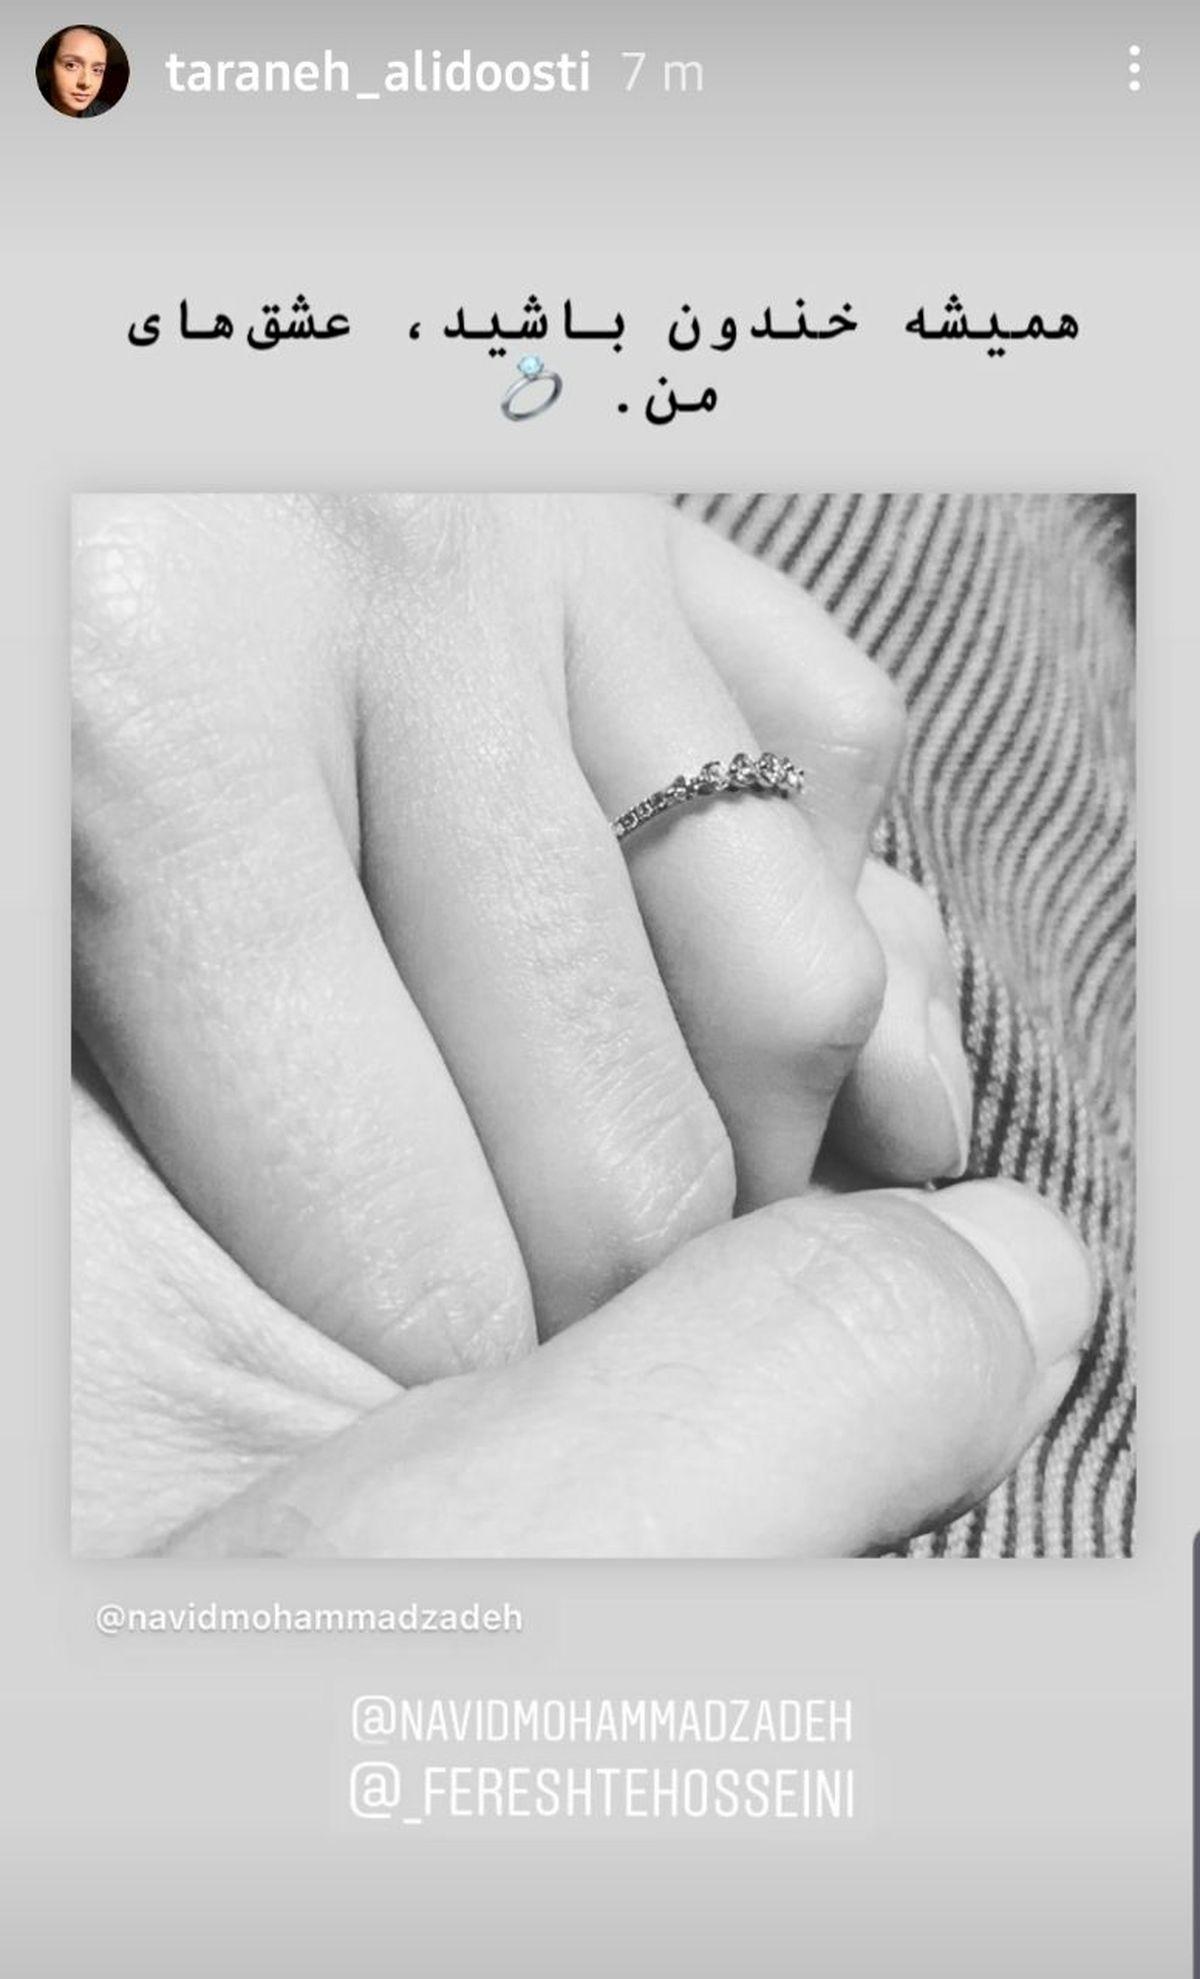 واکنش ترانه علیدوستی به ازدواج نوید محمدزاده و فرشته حسینی/عکس